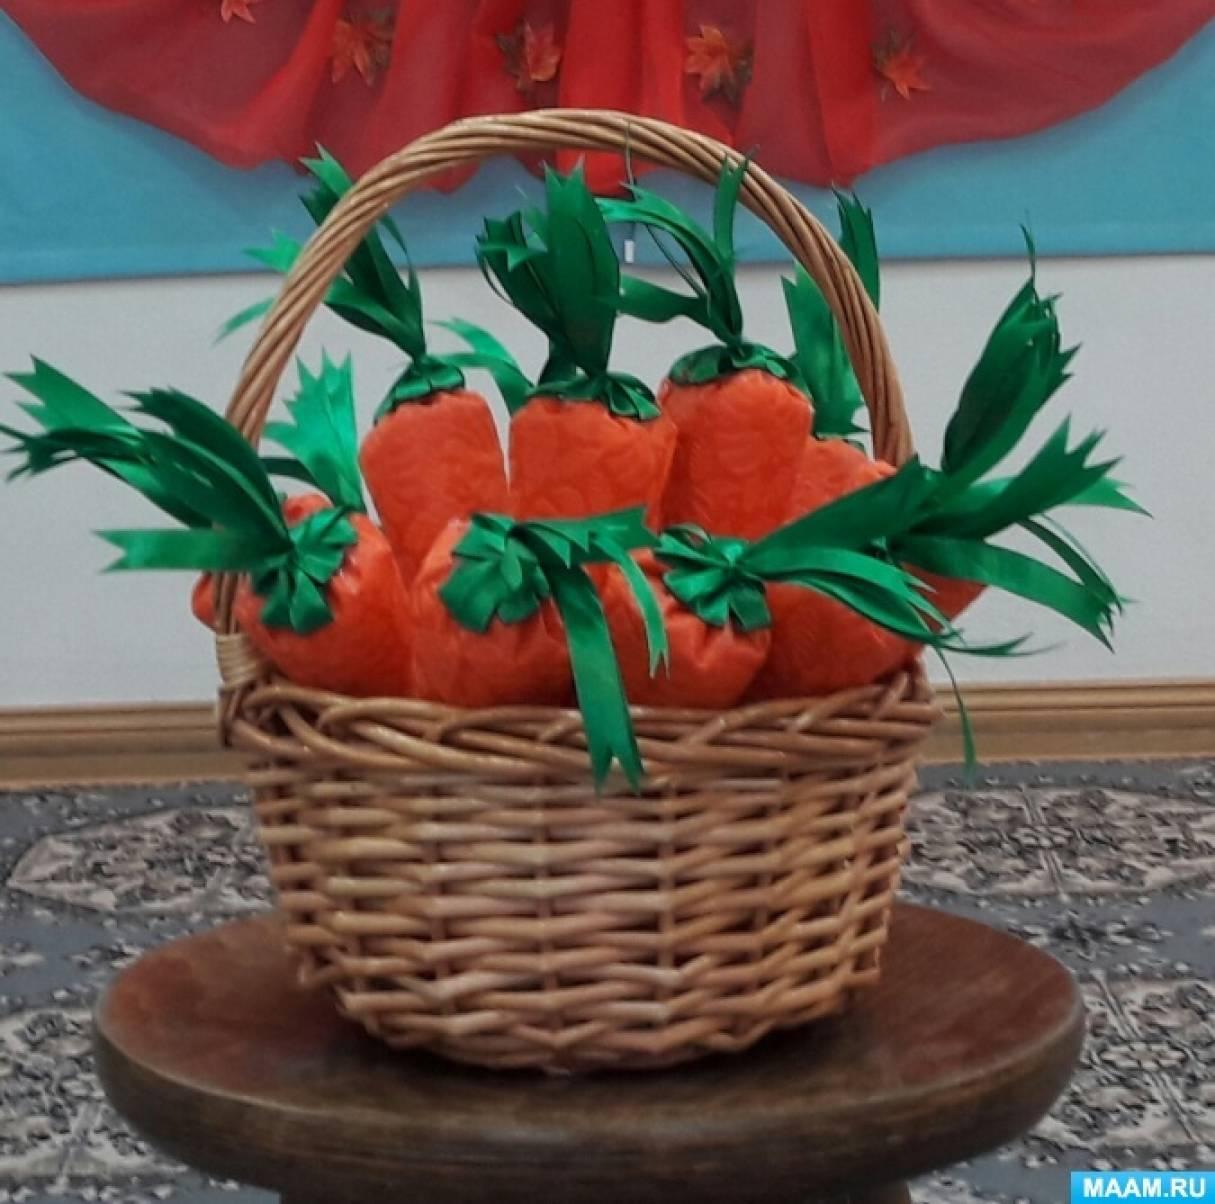 Поделки из овощей и фруктов, страница 3. Воспитателям ...